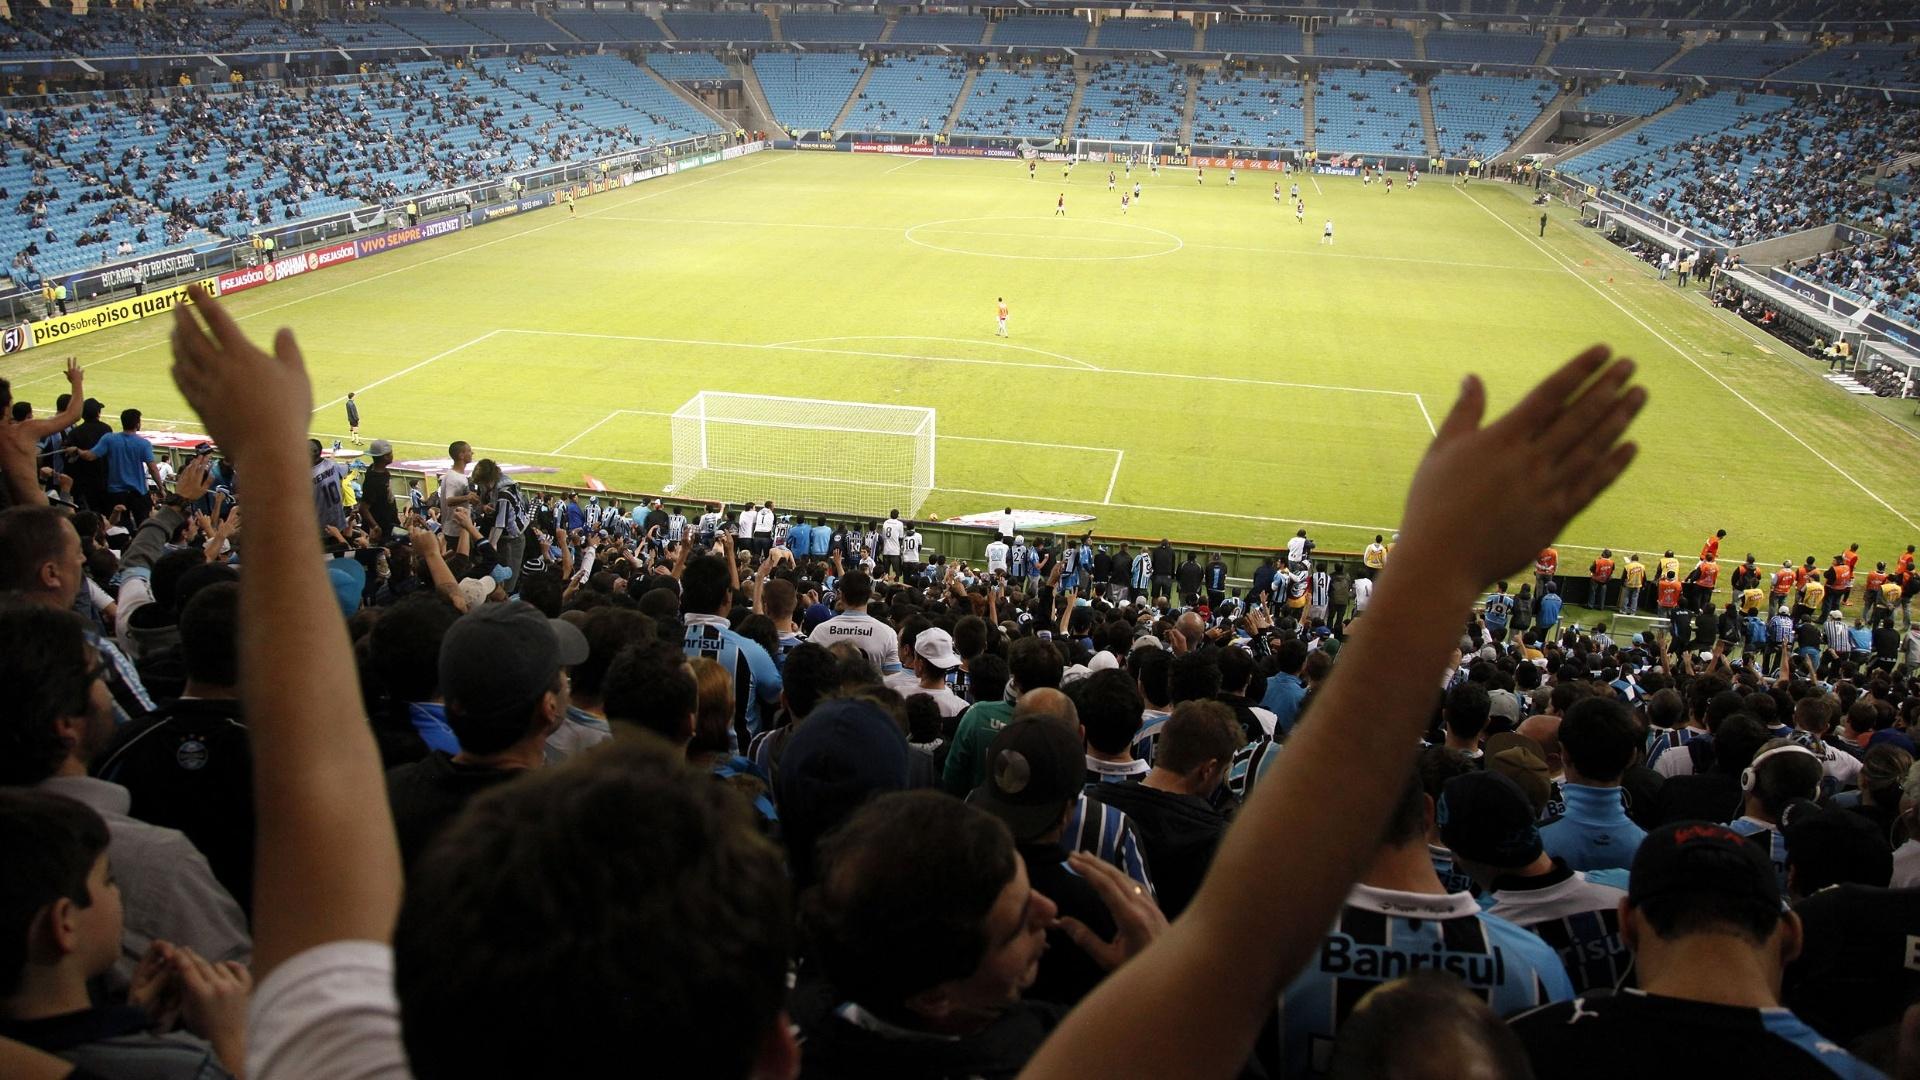 Reabertura da arquibancada da Arena do Grêmio anima torcedores